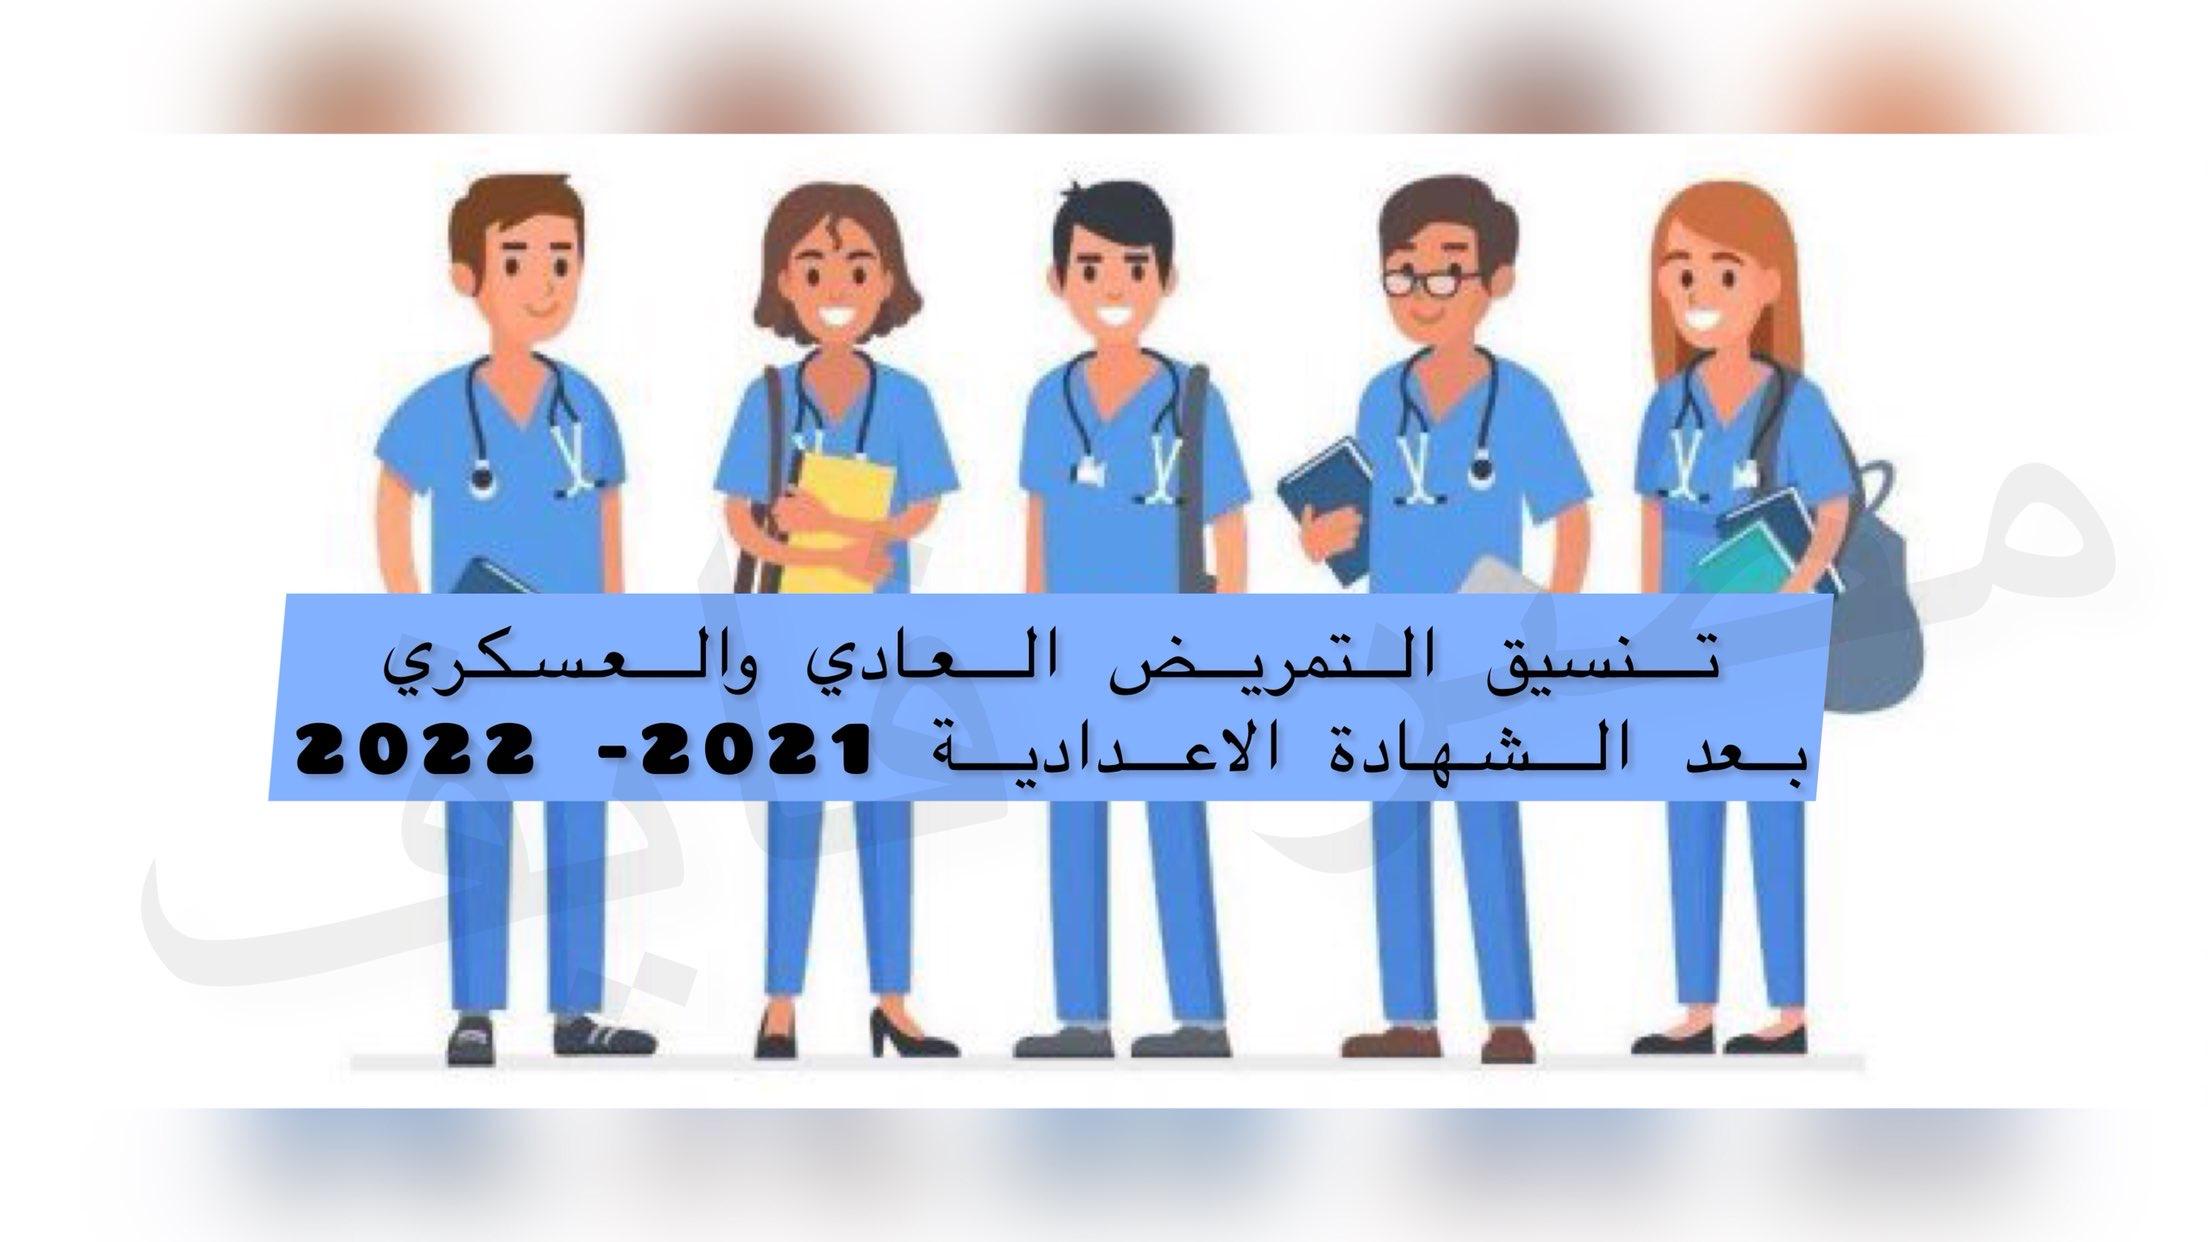 """بعد الاعدادية تنسيق التمريض العادي وتفاصيل """"العسكري"""" في مصر 2021- 2022"""